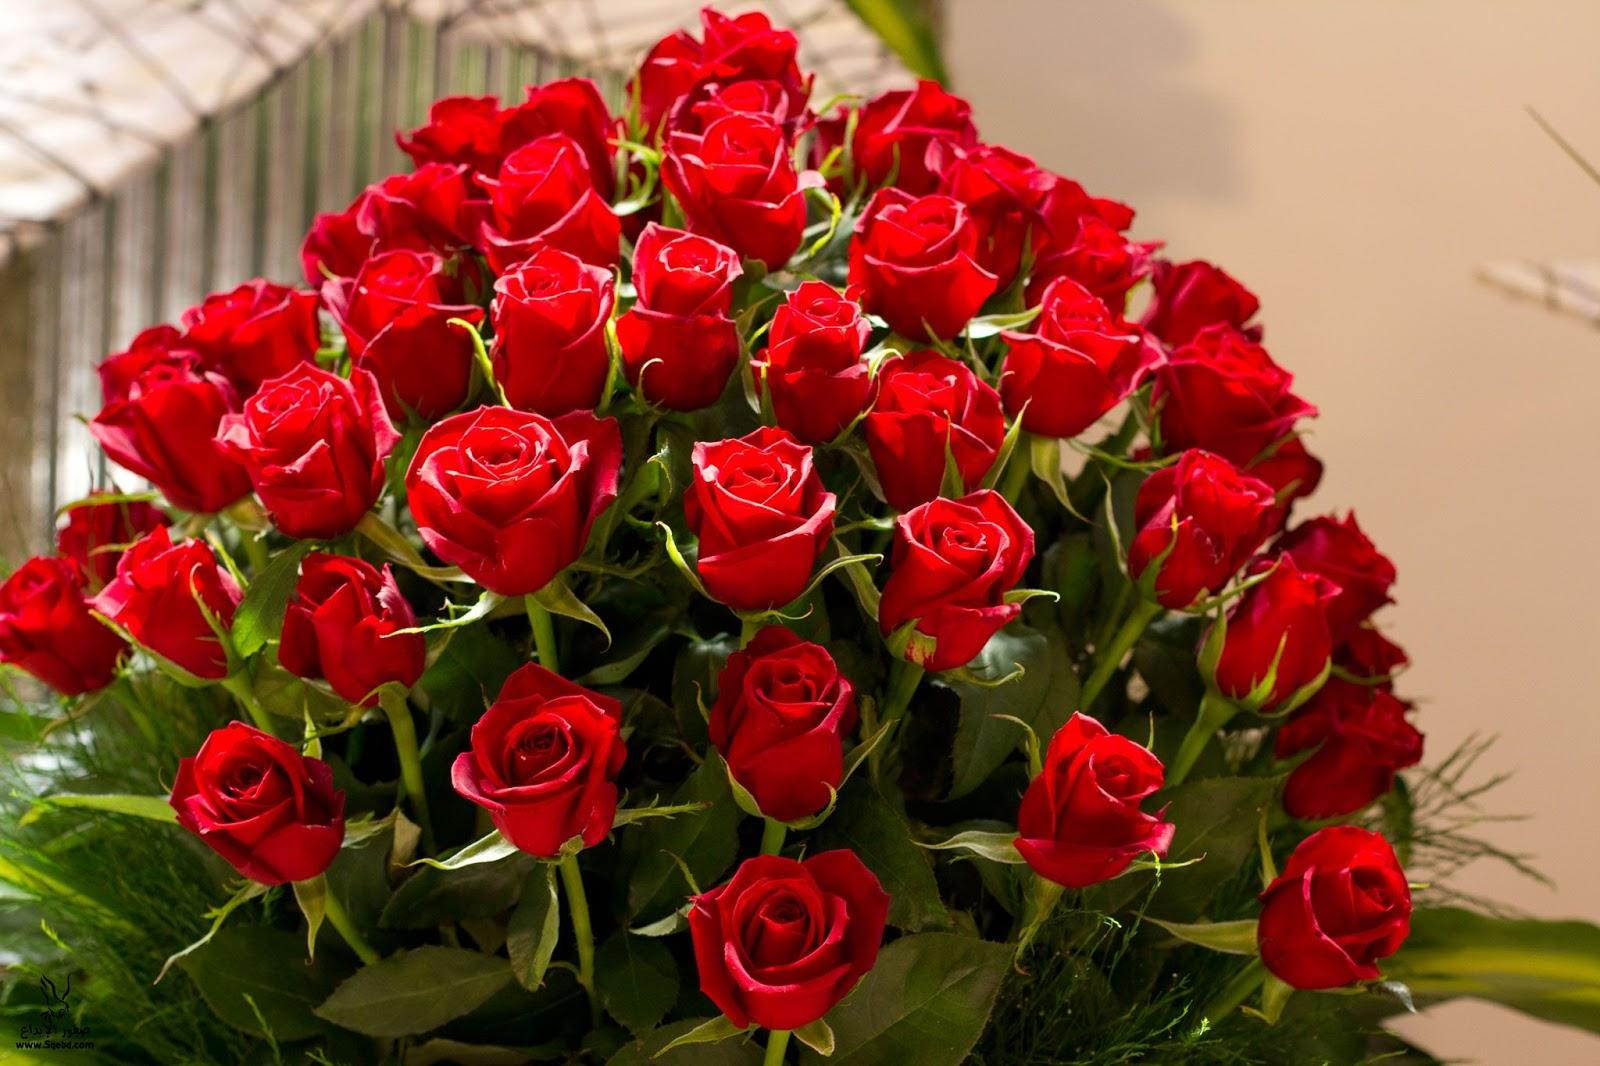 صورة صور ورد طبيعي , شاهد الرقة الشعرية التى توجد فى الورود